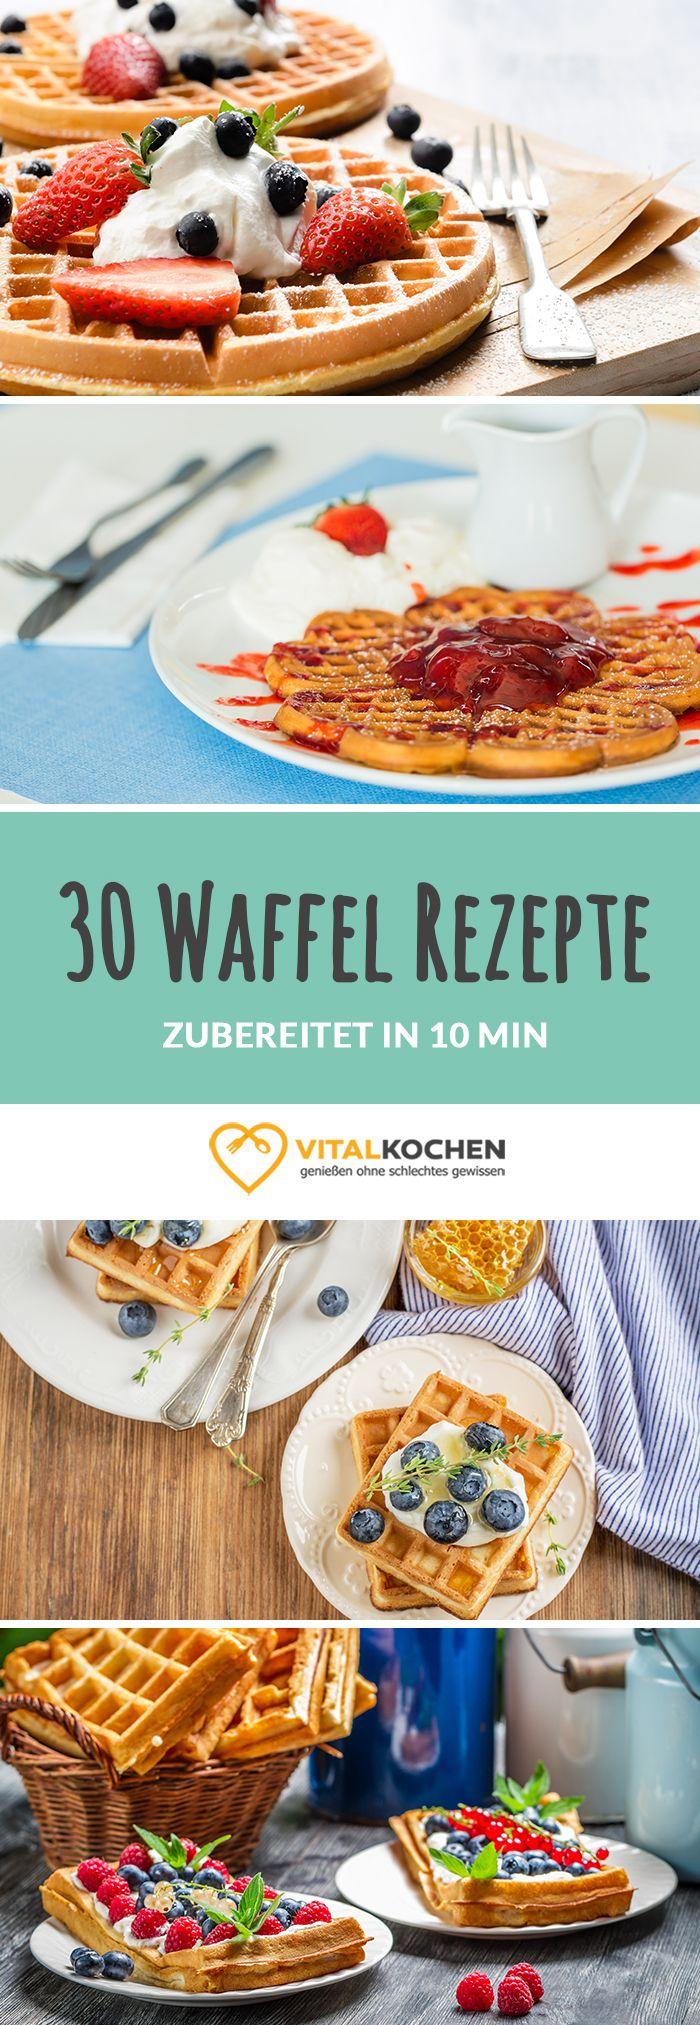 30 Waffelrezepte - Zubereitet in 10 Minuten - einfach, gesund & schnell Abnehmen mit Vital-Kochen.de